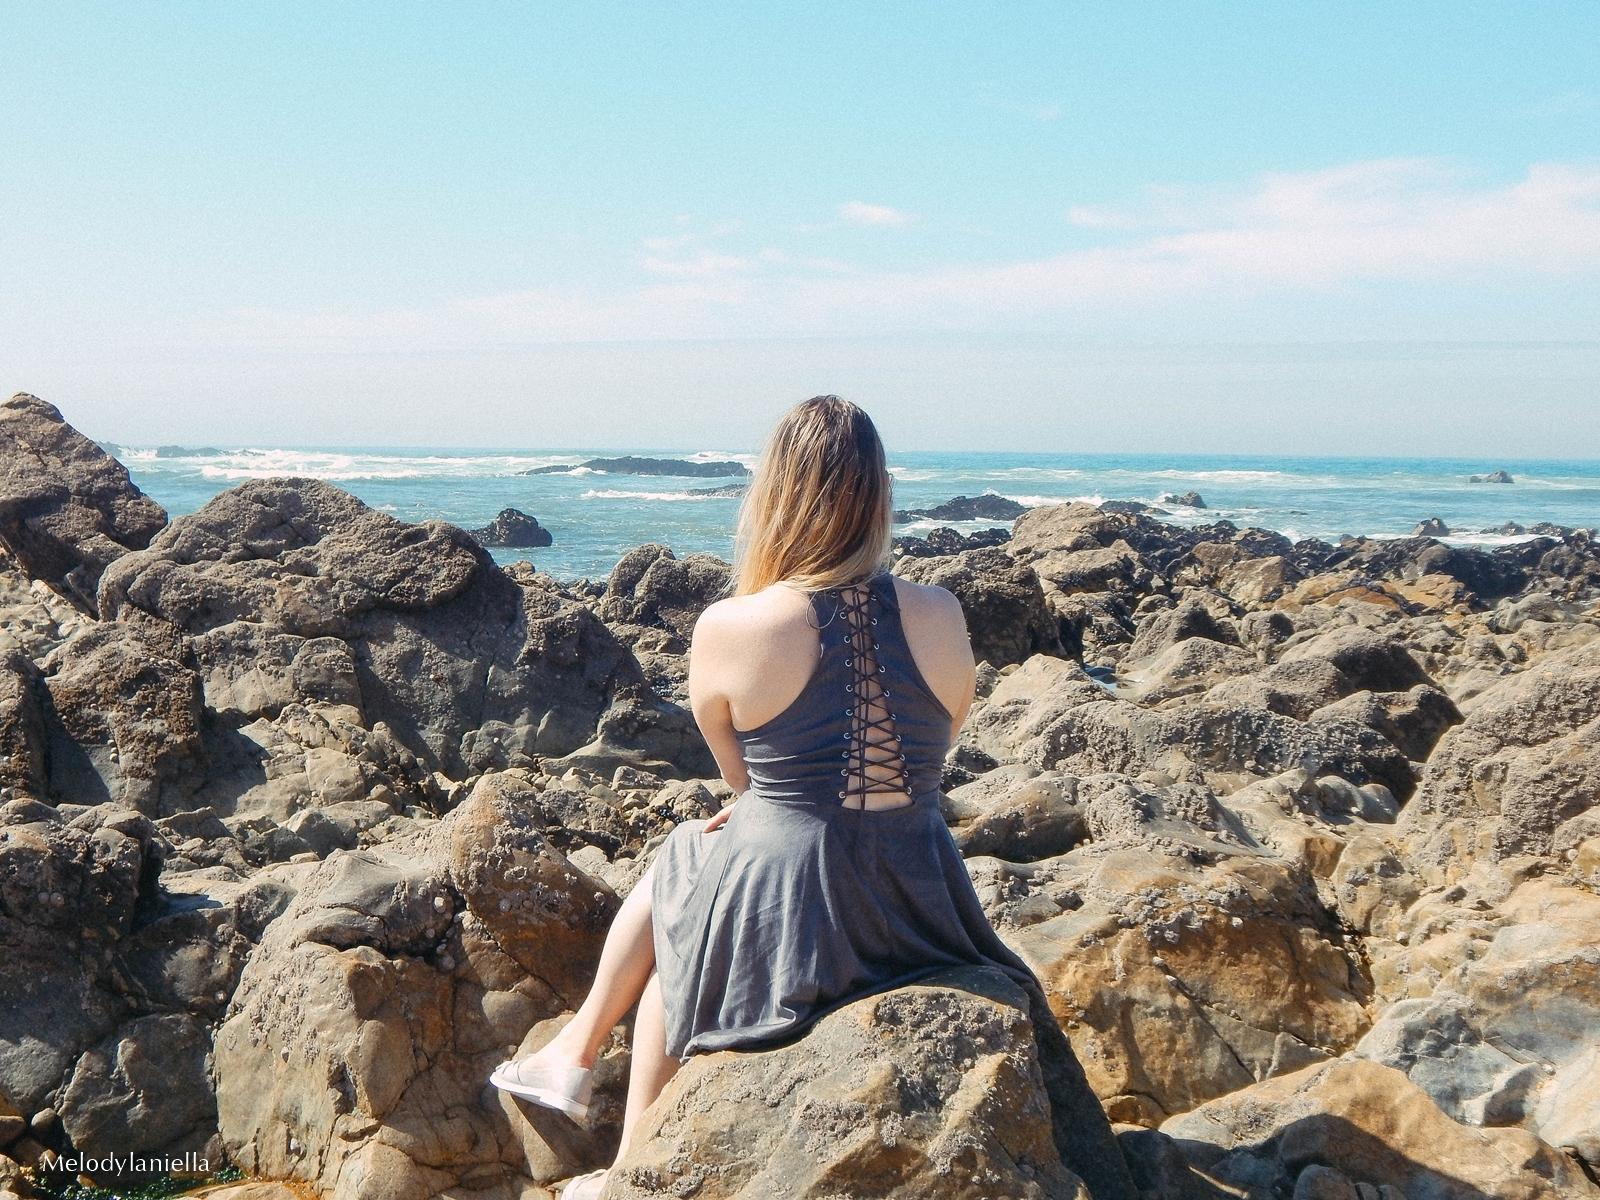 10 stylizacja porto portugalskie plaże co zobaczyć w portugalii szara sukienka sznurowana na plecach sukienka z zamszu szare sukienki sznurowania jaka sukienka dla blondynek mini szare espadryle biżuteria